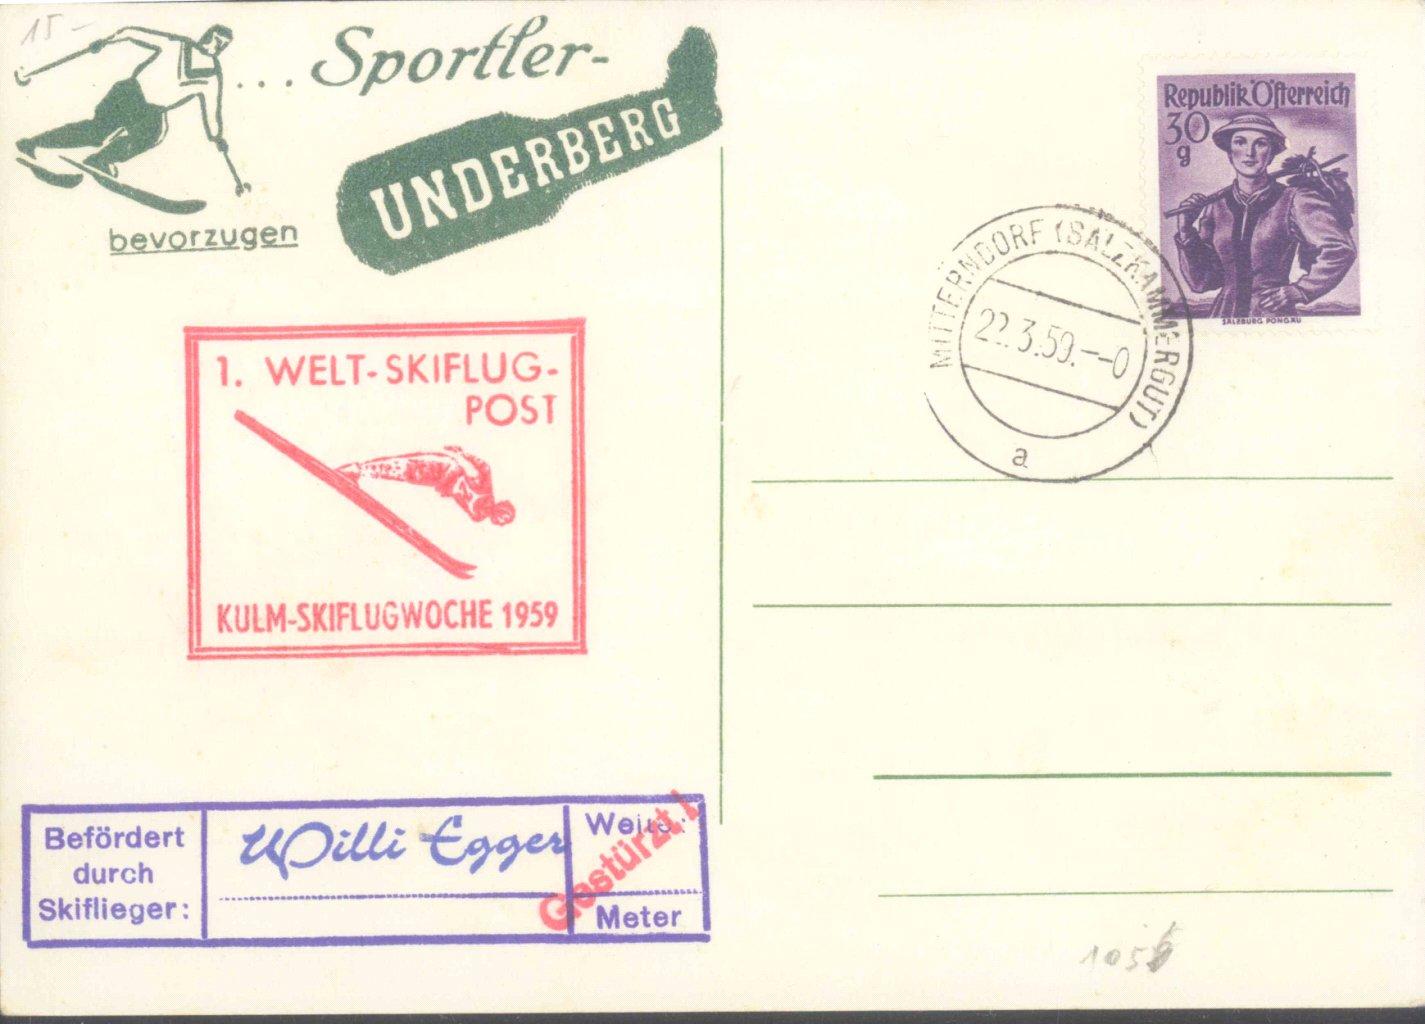 MOTIV SKISPRINGEN KULM 1959,UNDERBERG,ZEPPELIN,VERRÜCKTE….-1